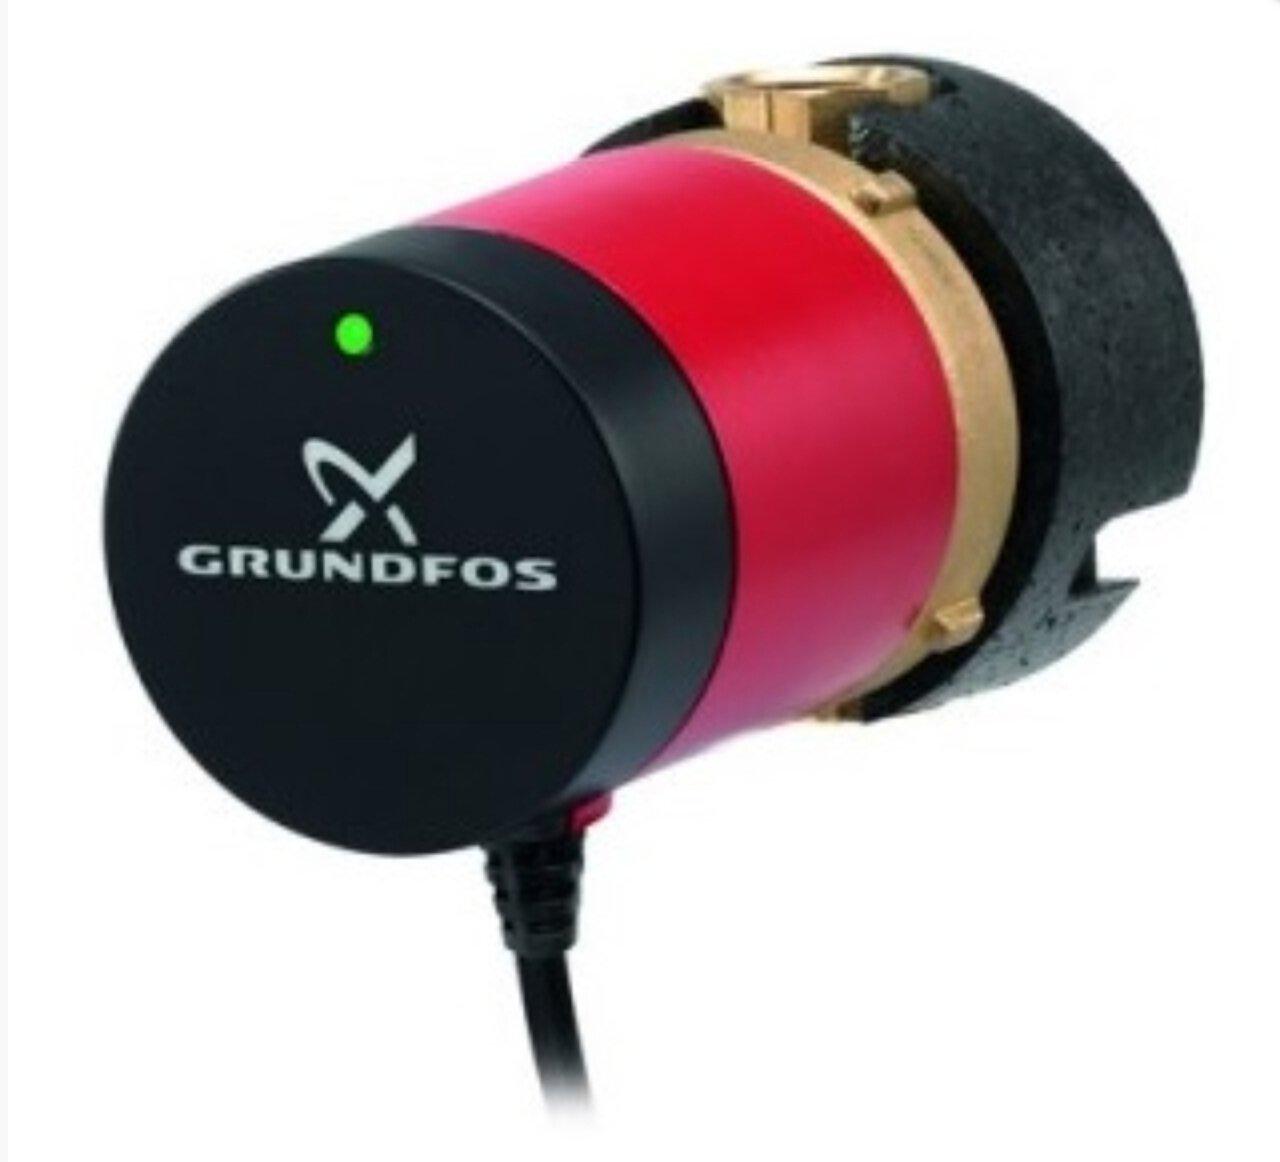 Grundfos 98420210 Comfort PM Recirculation Pump FNPT, 1/2-Inch